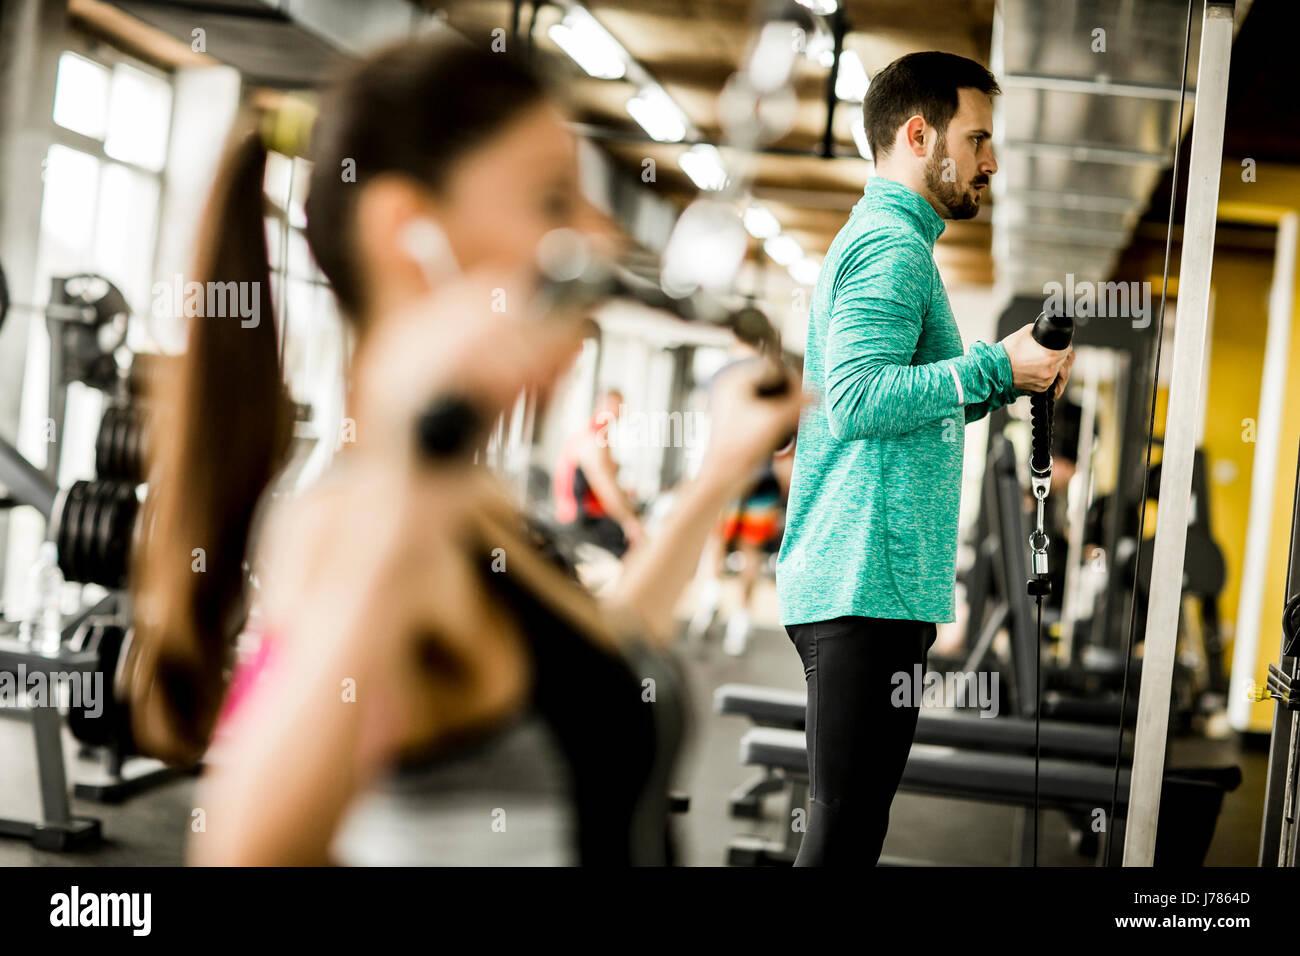 Exercices de musculation exercice Jeune couple dans la salle de sport moderne Photo Stock